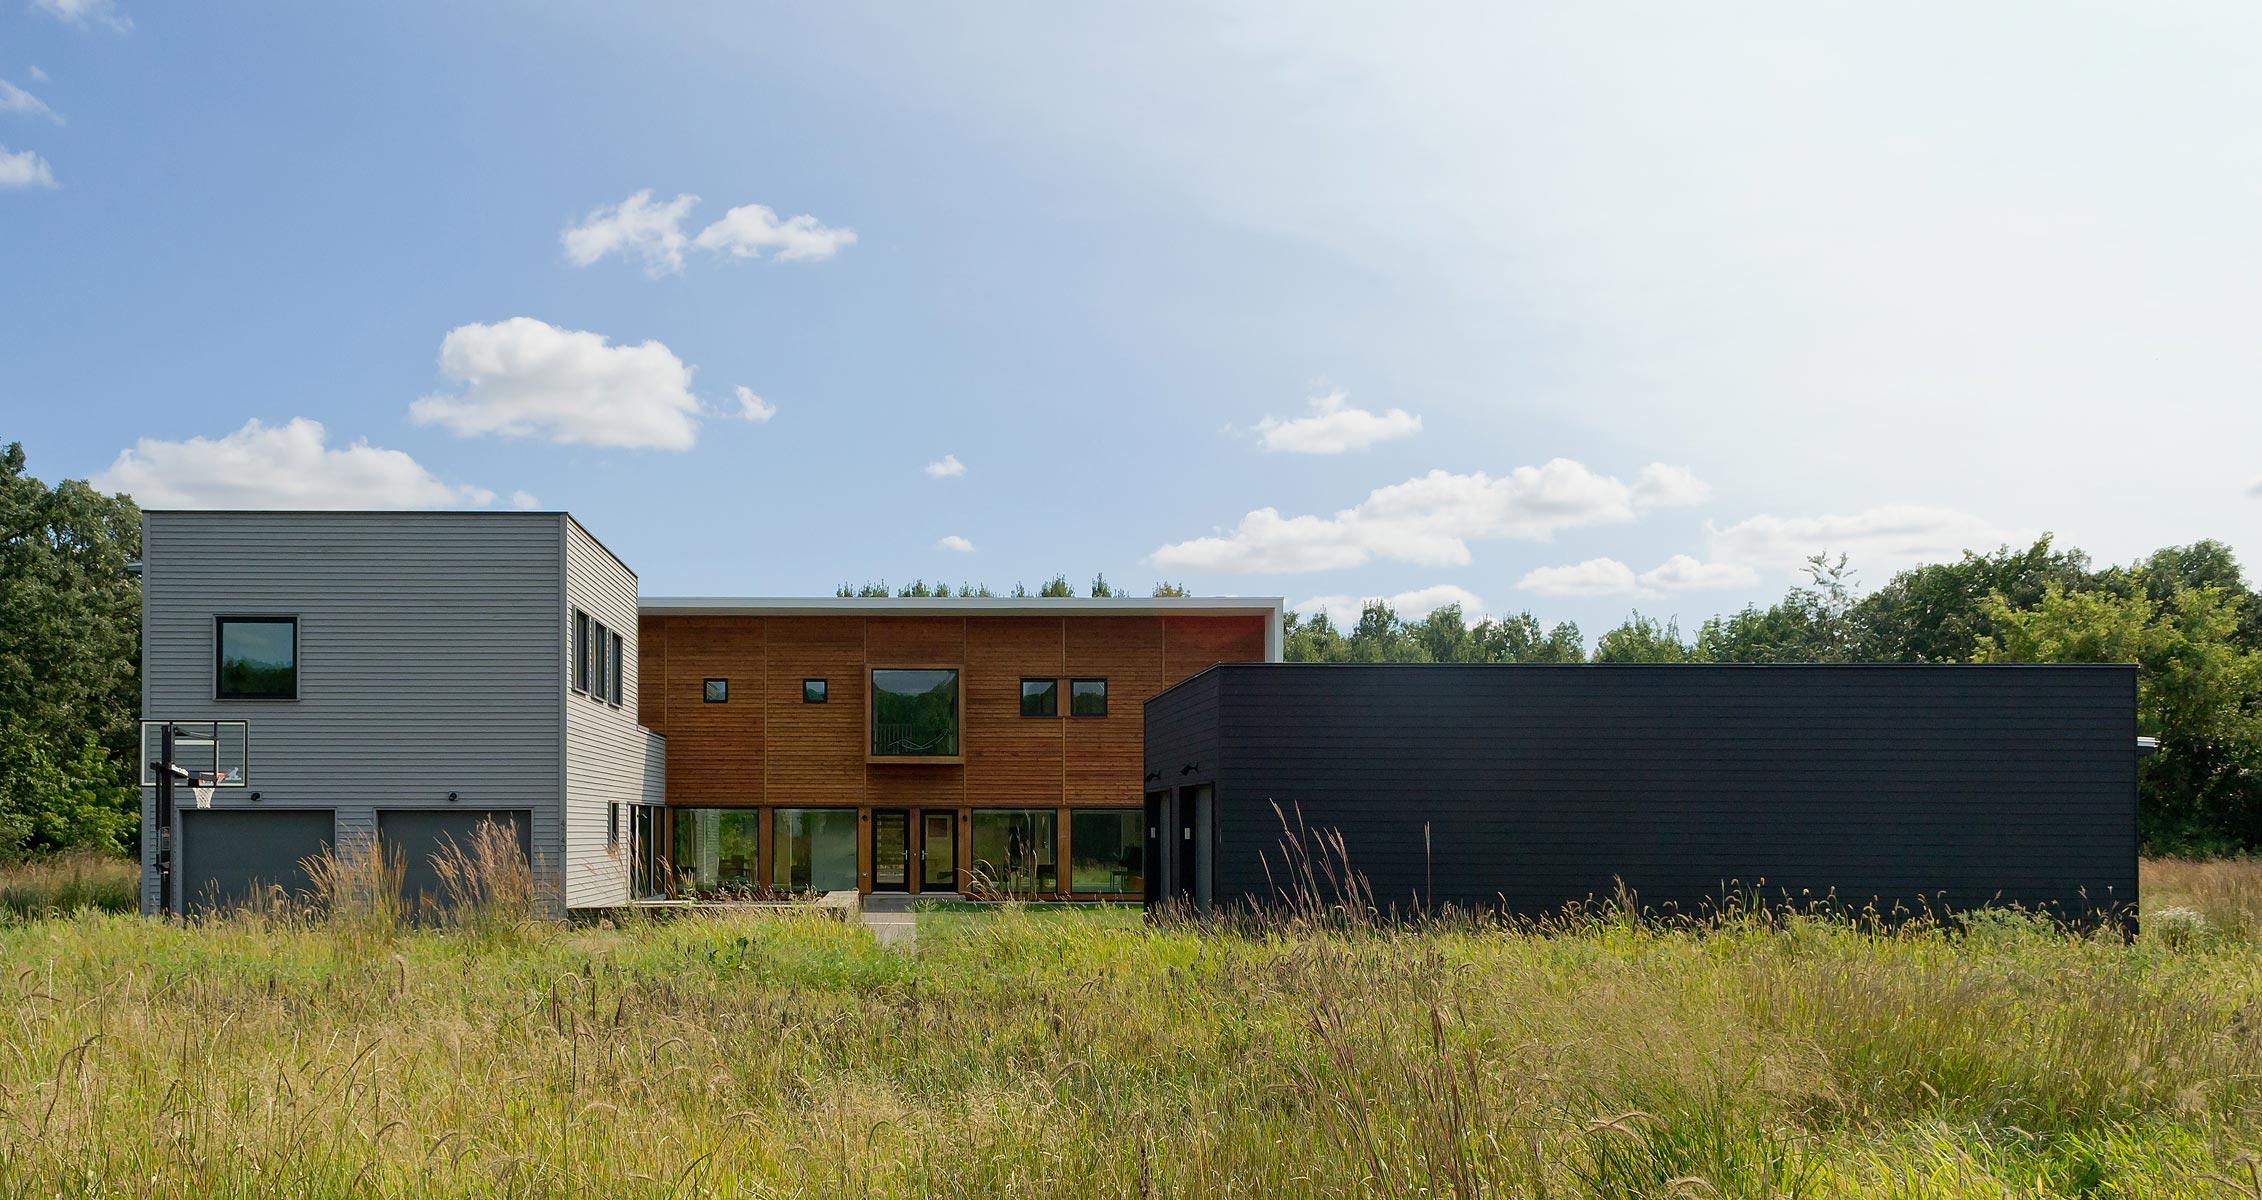 ALTUS-prairie-house-number1_0205.jpg